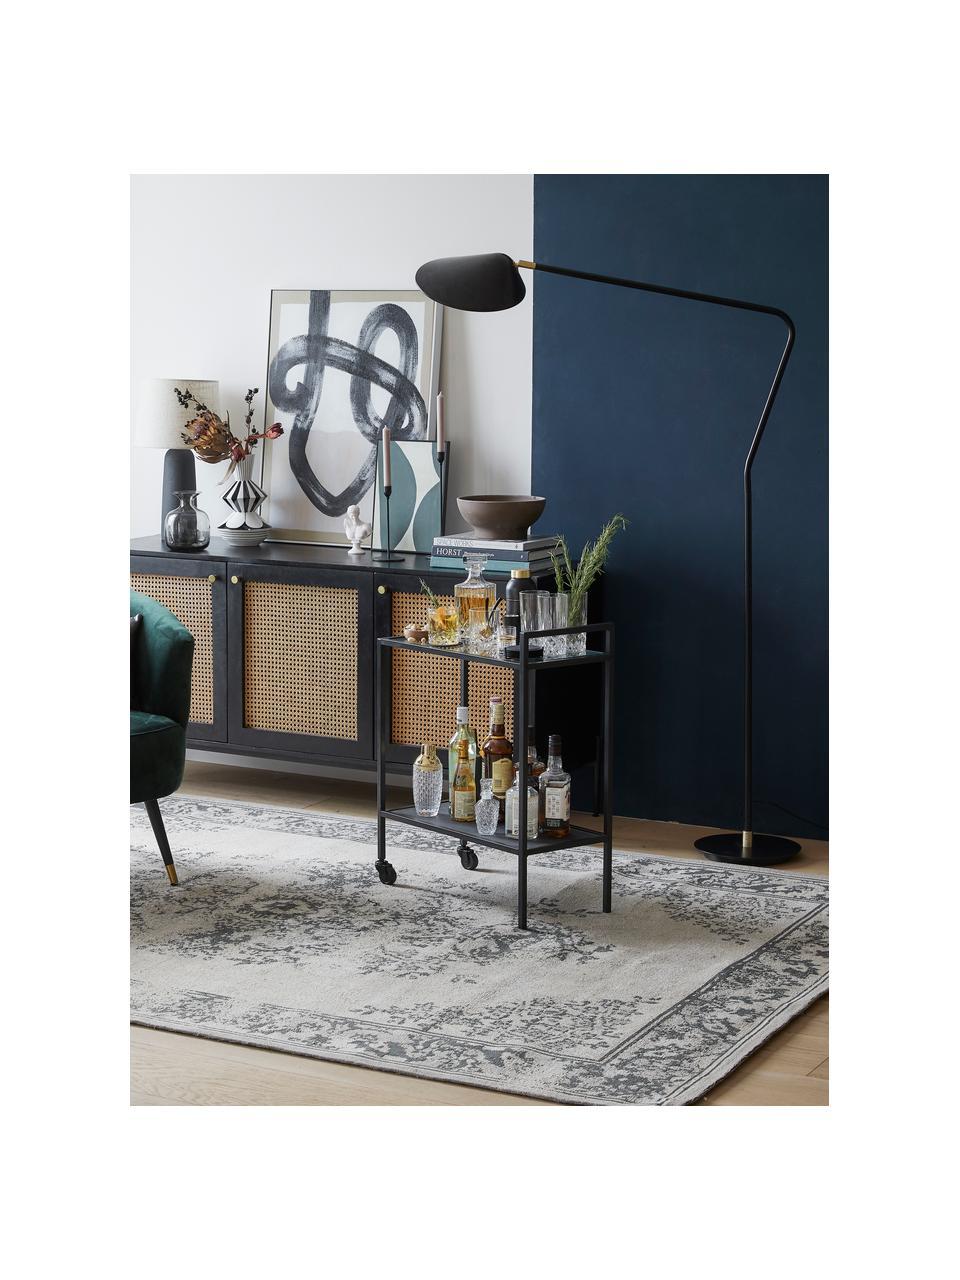 Grote leeslamp Neron met goudkleurige decoratie in zwart, Lampenkap: gepoedercoat metaal, Lampvoet: gepoedercoat metaal, Decoratie: vermessingd metaal, Zwart, 105 x 171 cm